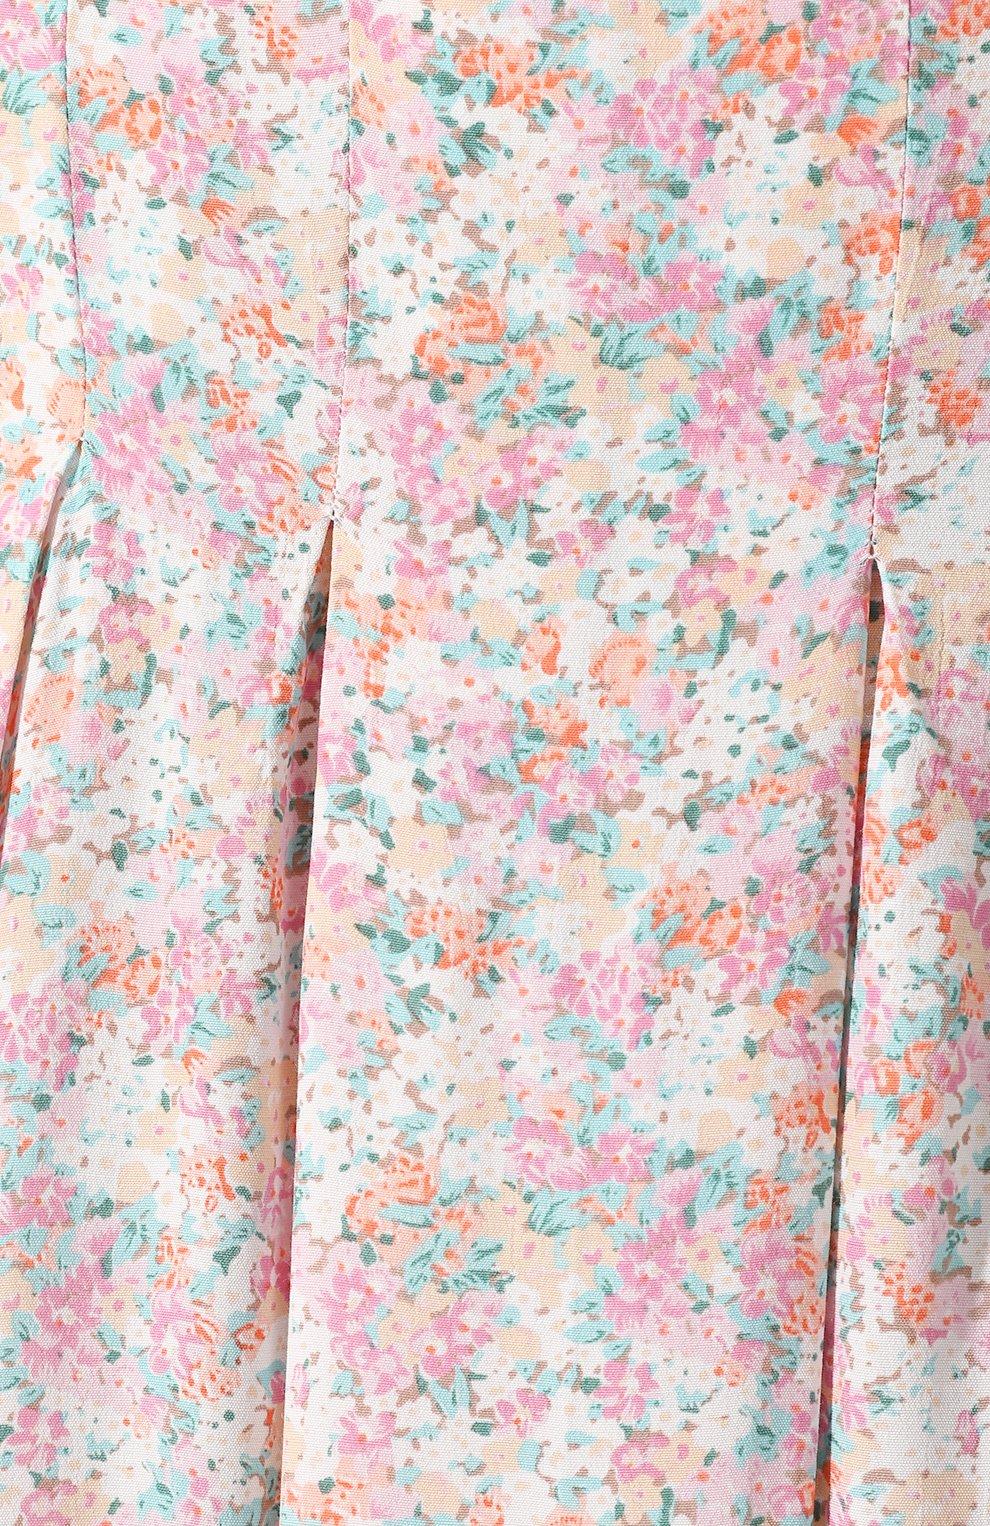 Женская юбка из вискозы FAITHFULL THE BRAND розового цвета, арт. FF1454   Фото 5 (Женское Кросс-КТ: Юбка-одежда; Длина Ж (юбки, платья, шорты): Миди; Материал внешний: Вискоза)